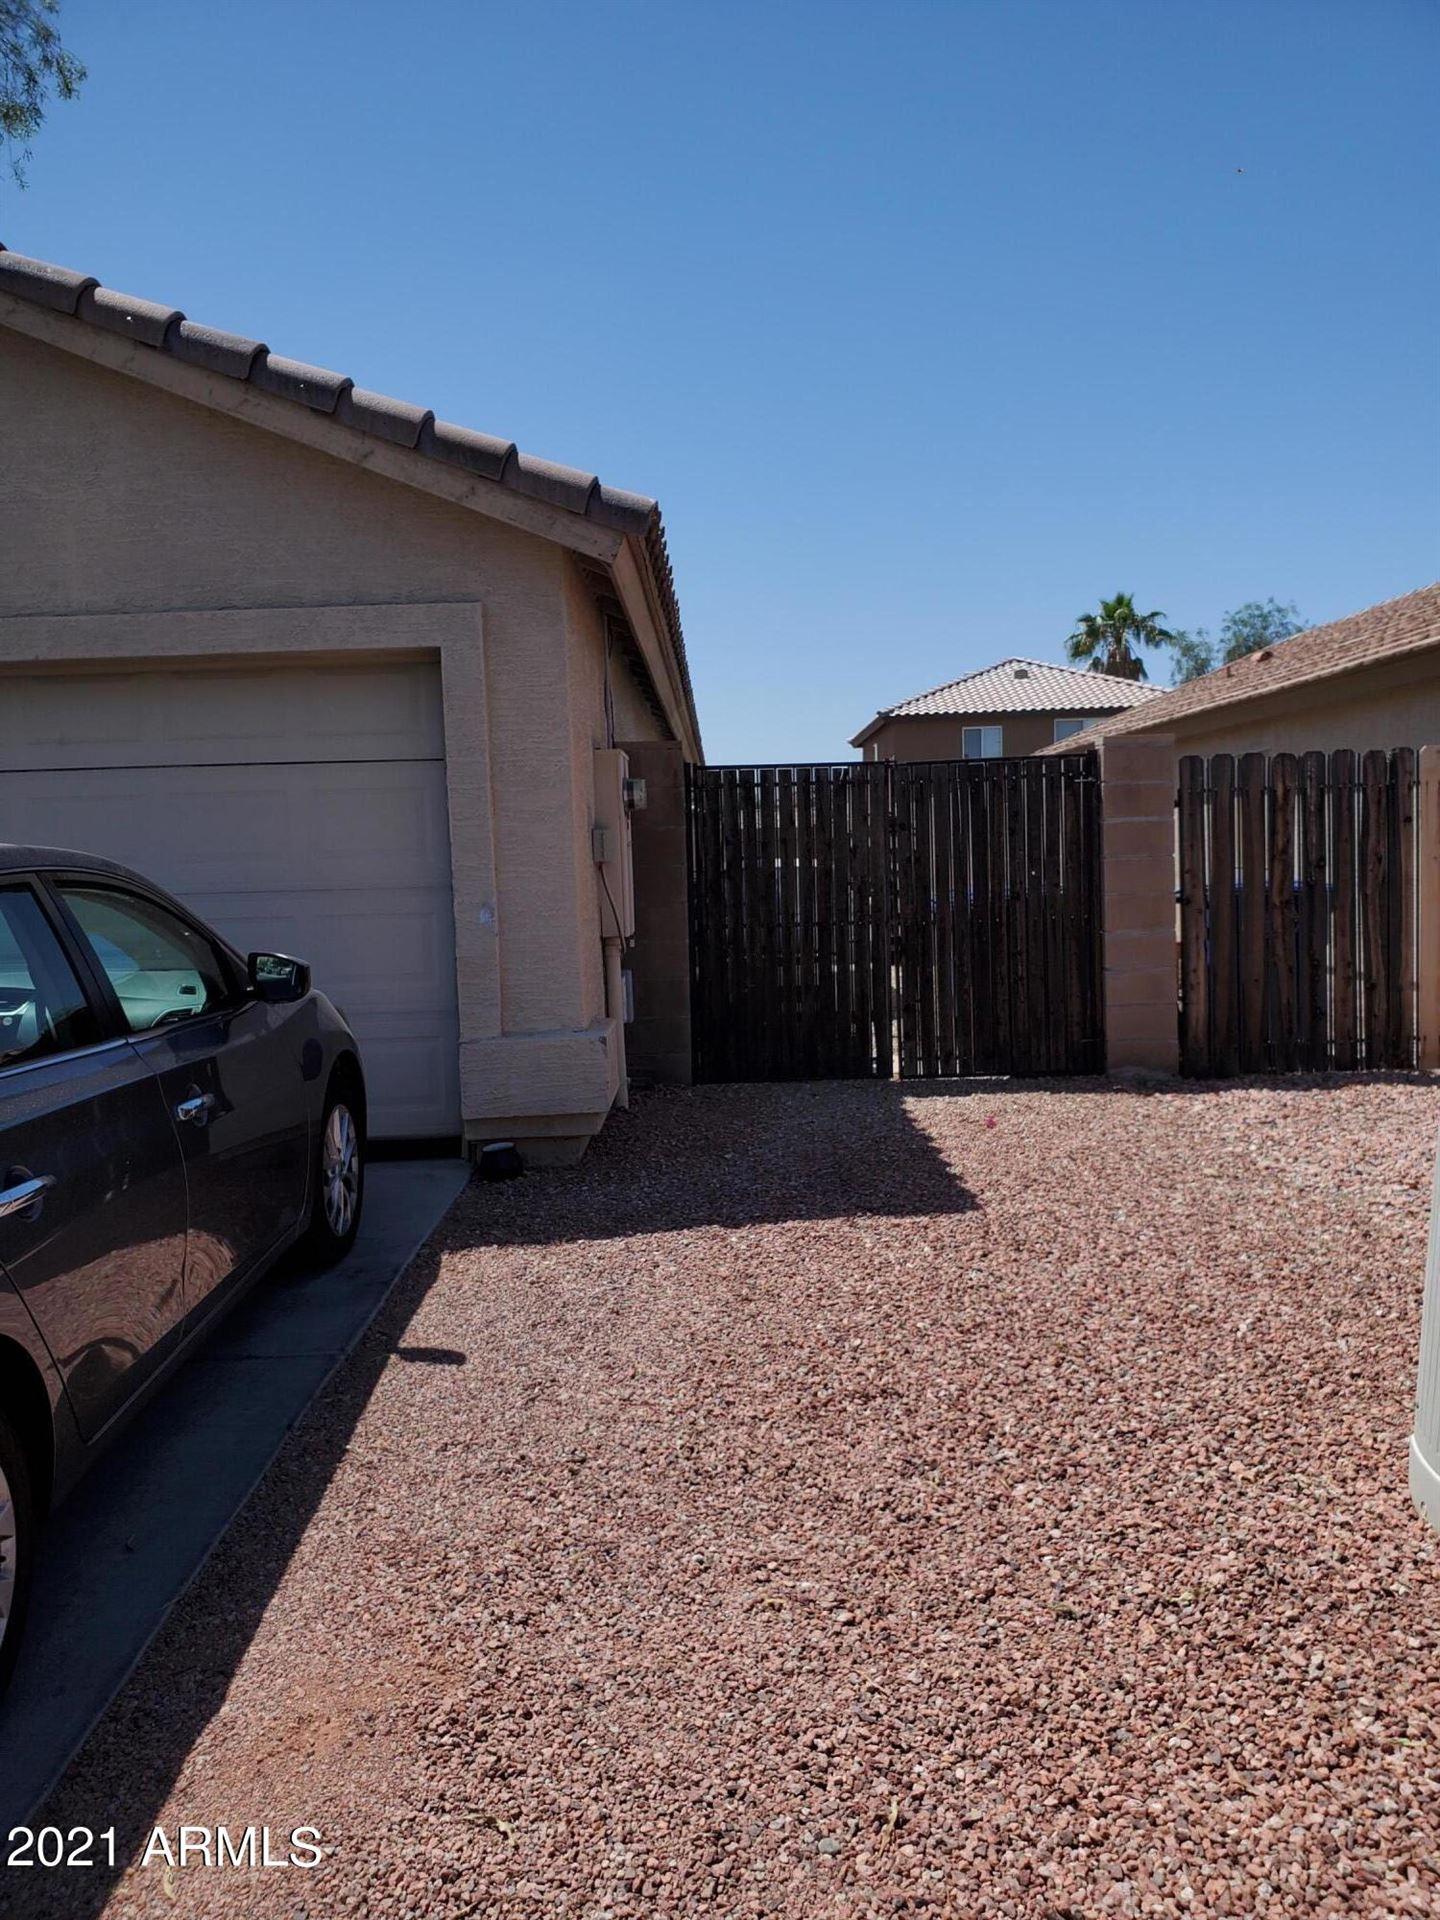 Photo of 12243 W DAHLIA Drive, El Mirage, AZ 85335 (MLS # 6265763)